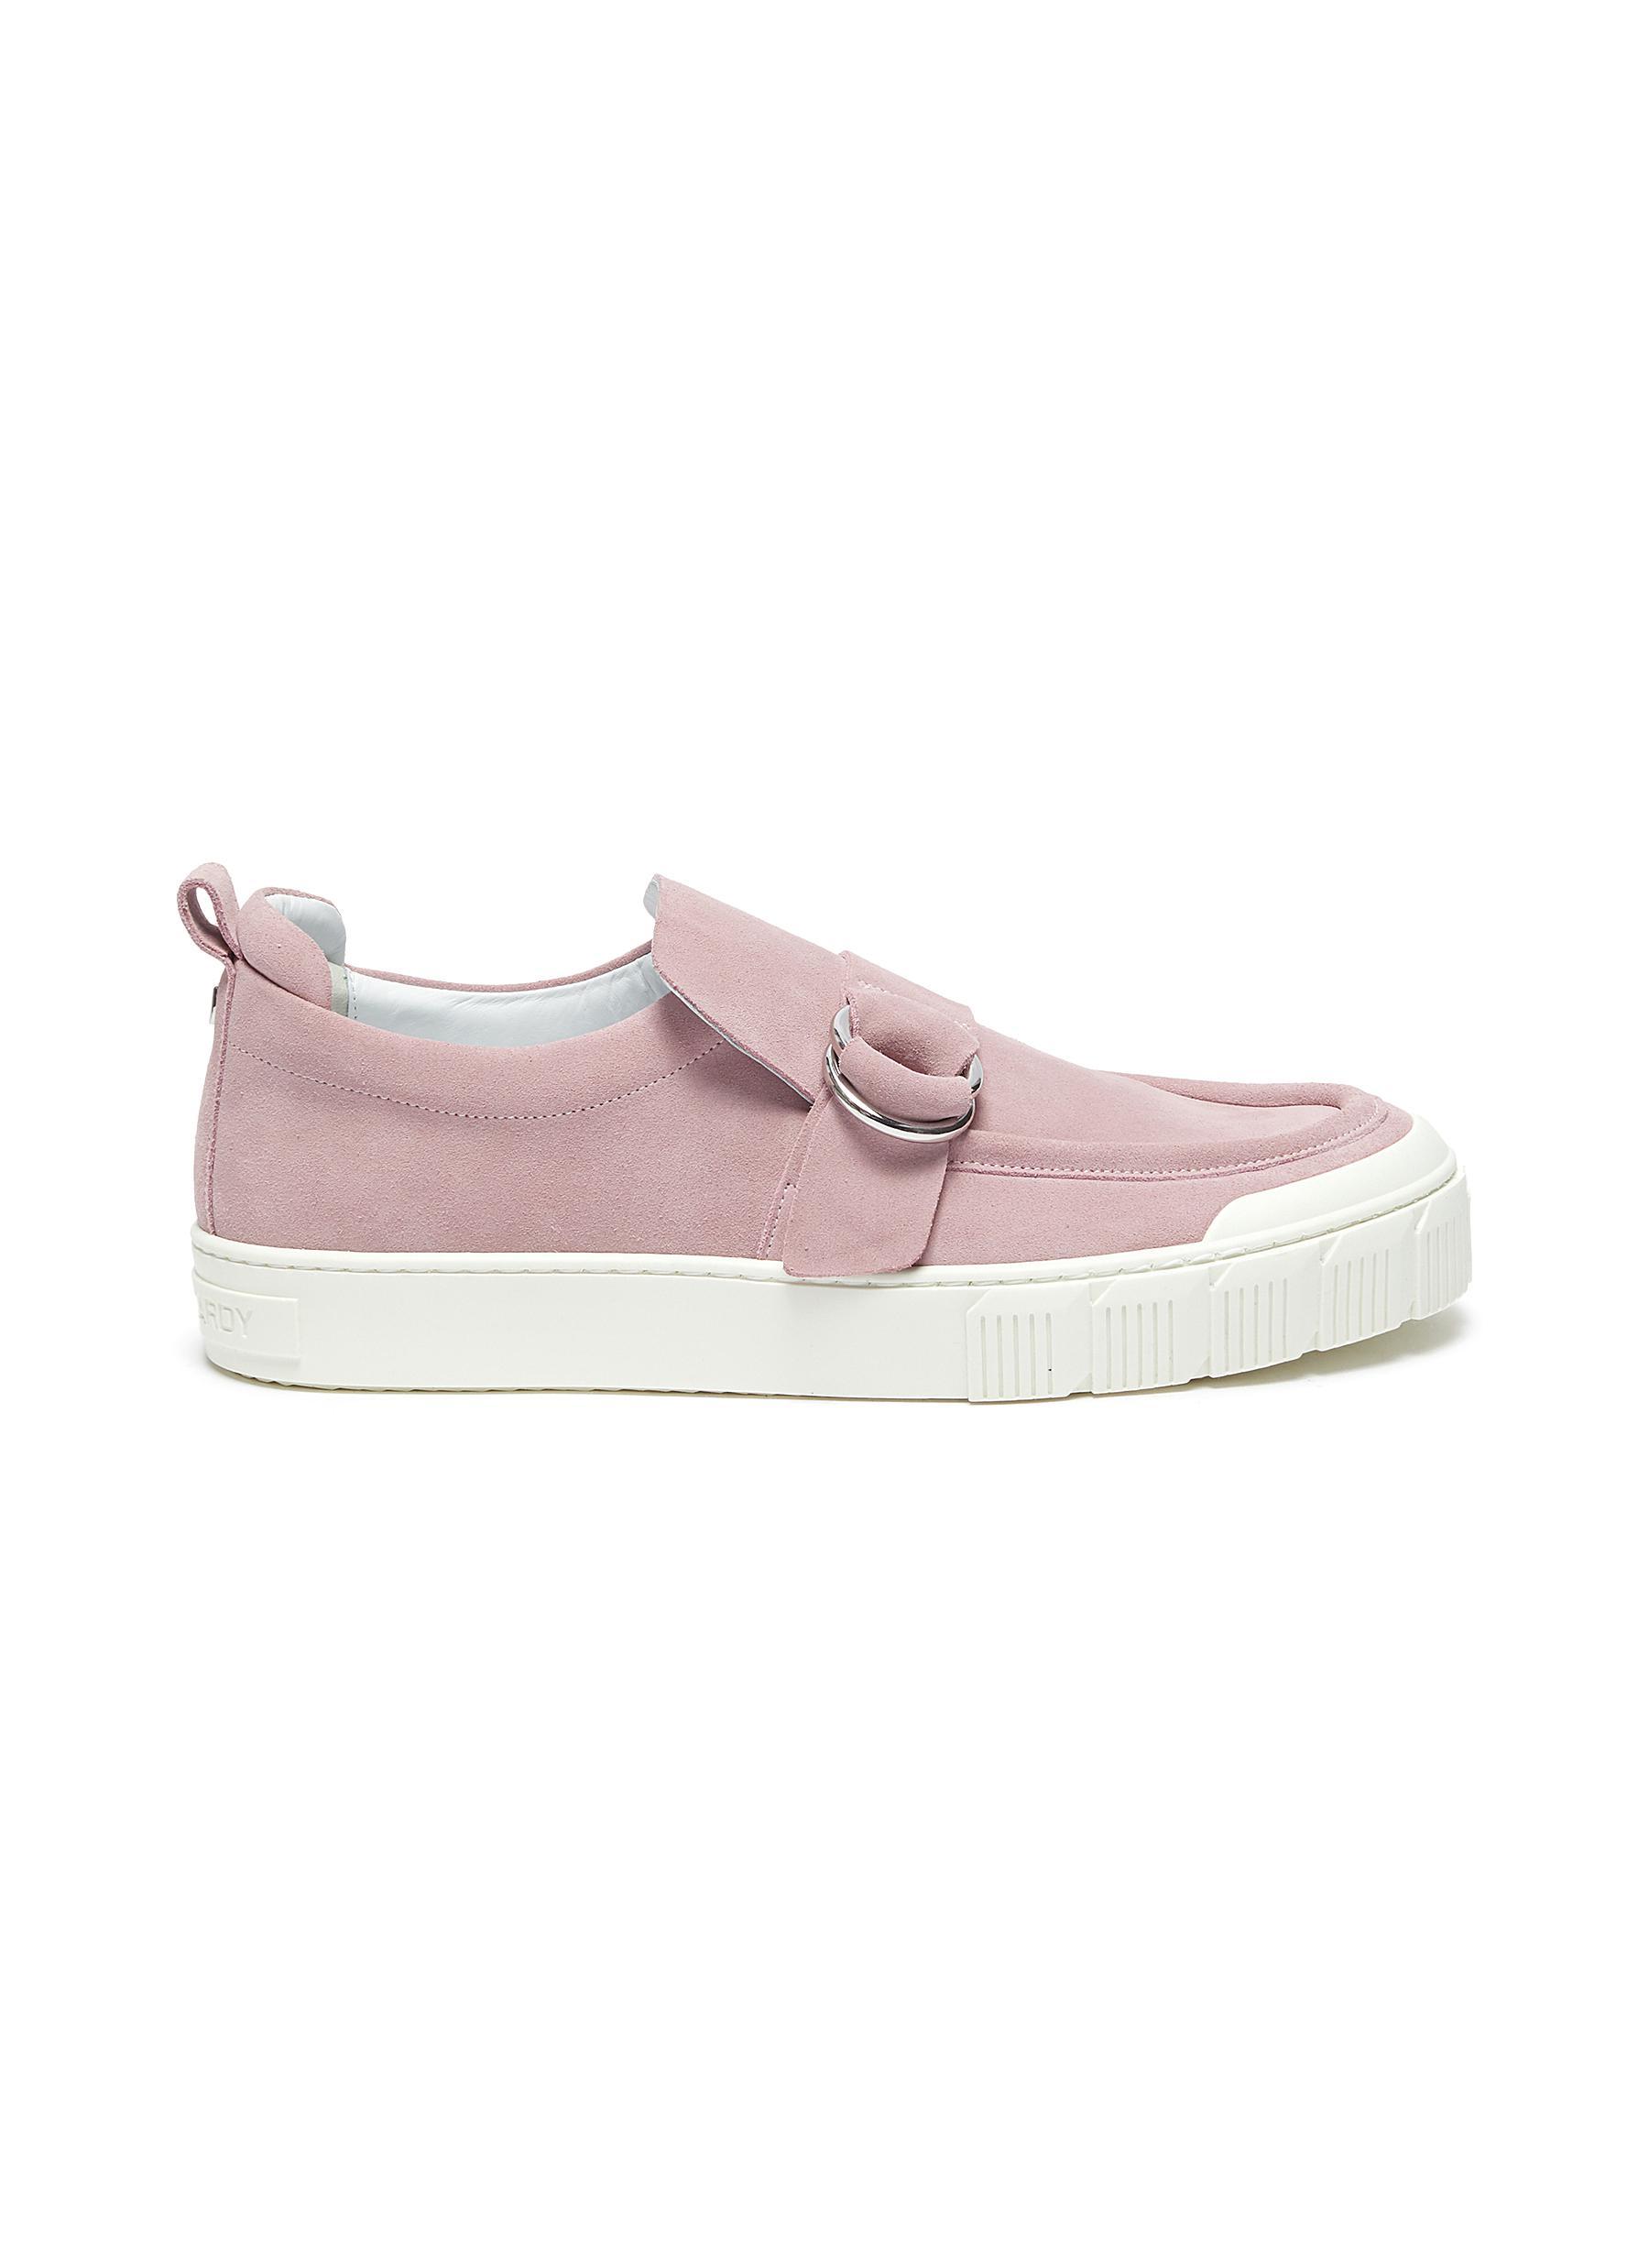 Ollie' buckle detail suede sneakers - PIERRE HARDY - Modalova